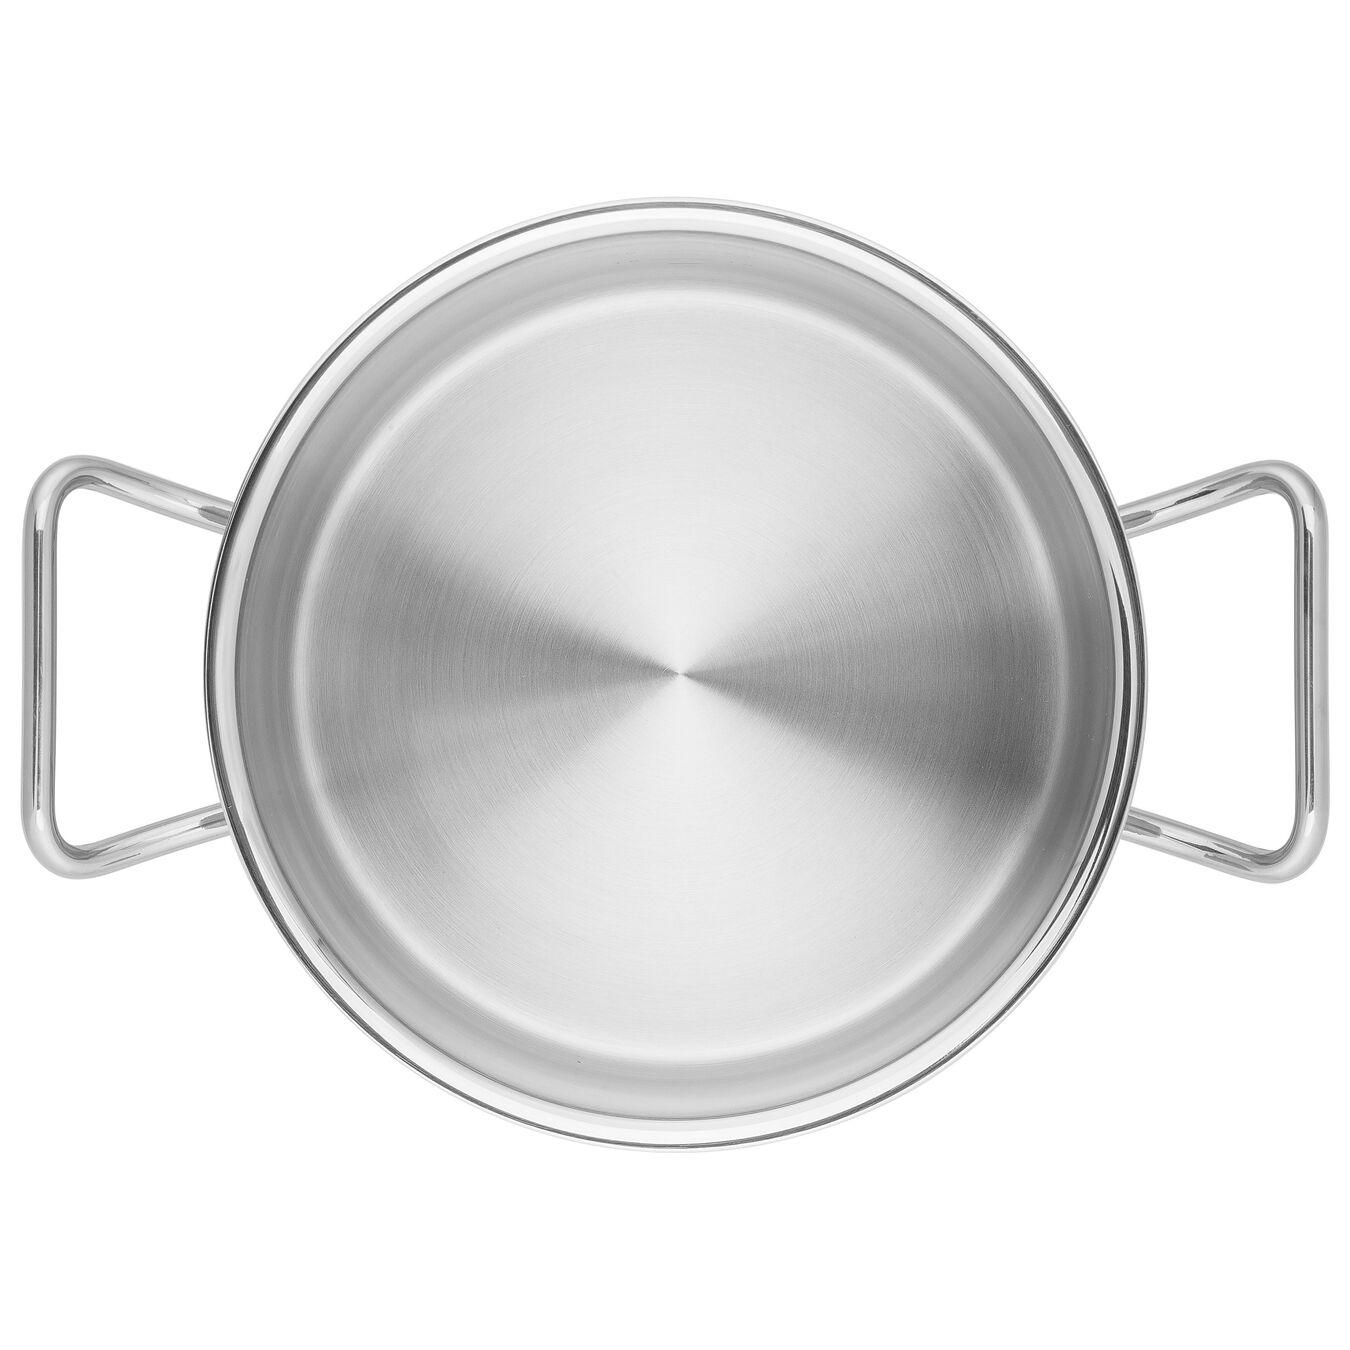 Derin Tencere | 18/10 Paslanmaz Çelik | 20 cm,,large 7